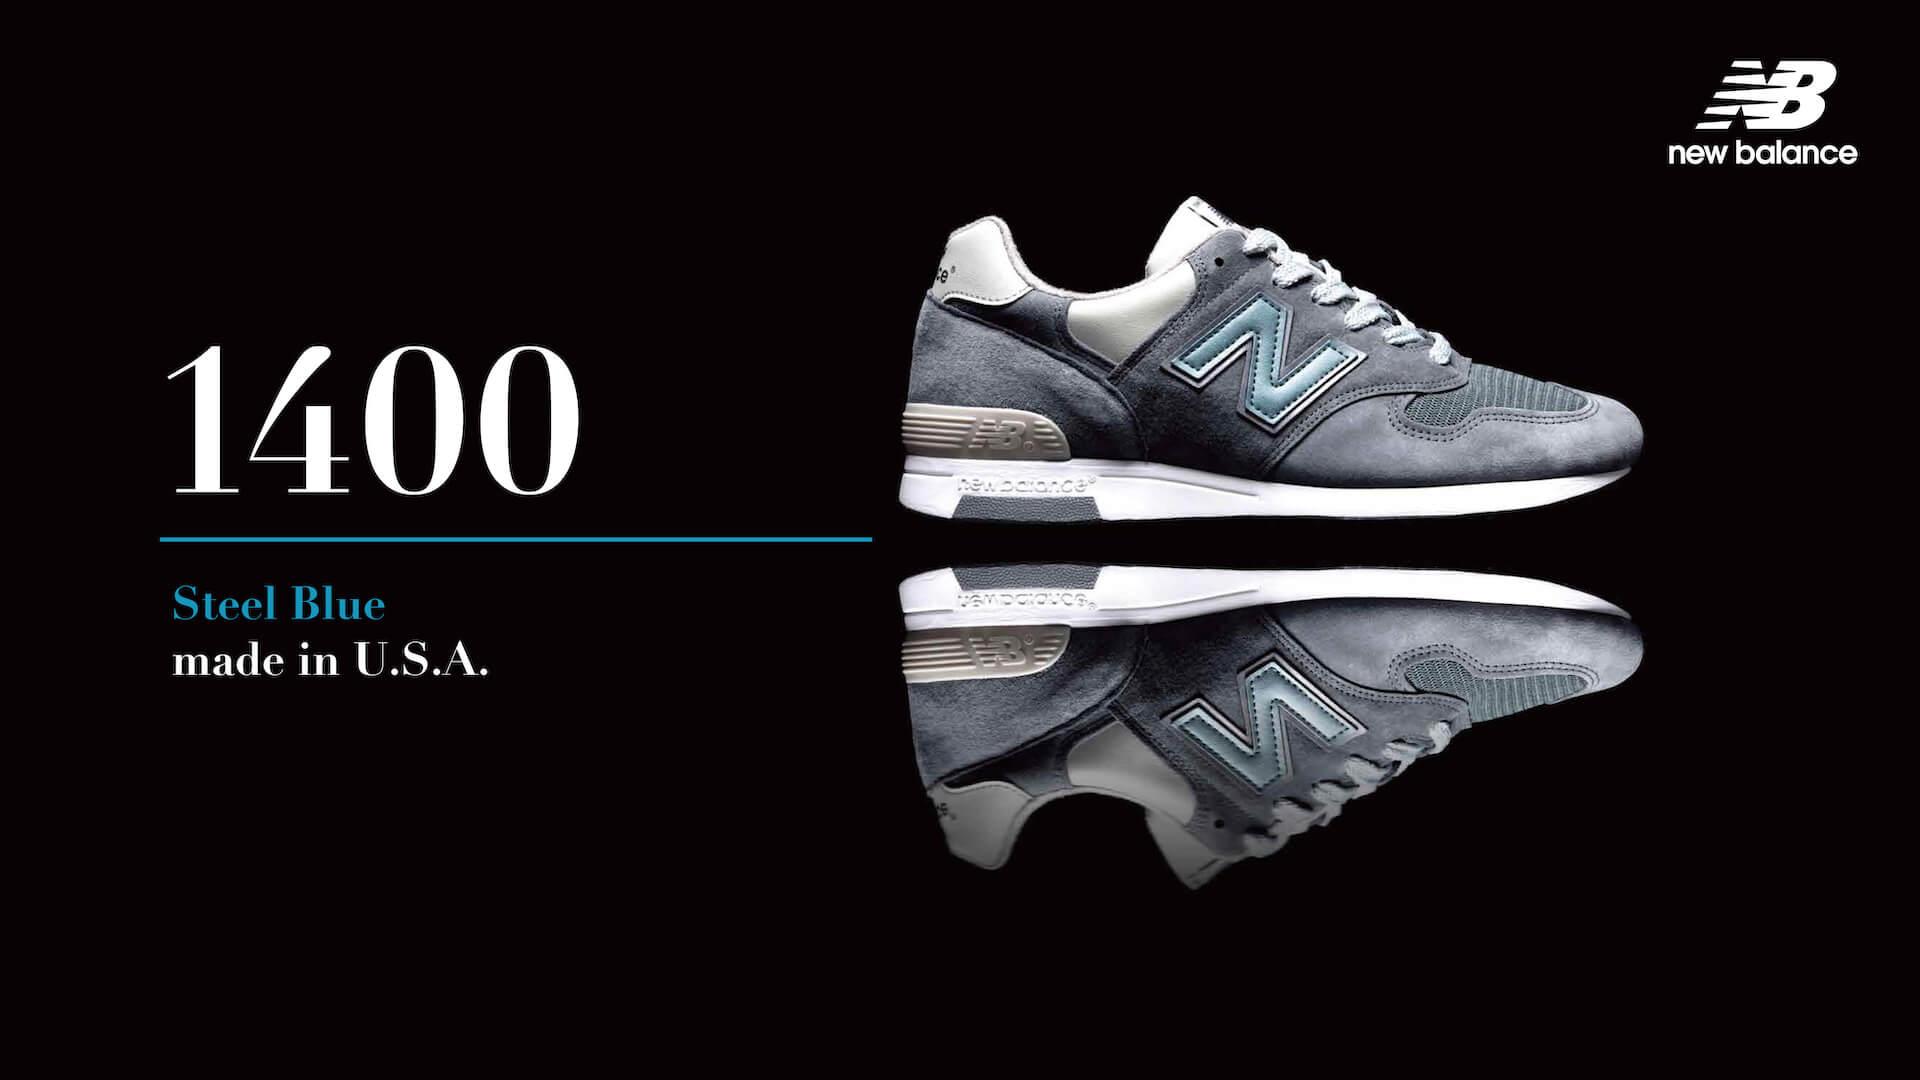 ニューバランスの名作モデル「M1400」にスティールブルーが再登場!限定店舗で発売決定 life210924_newbalance_m1400_1